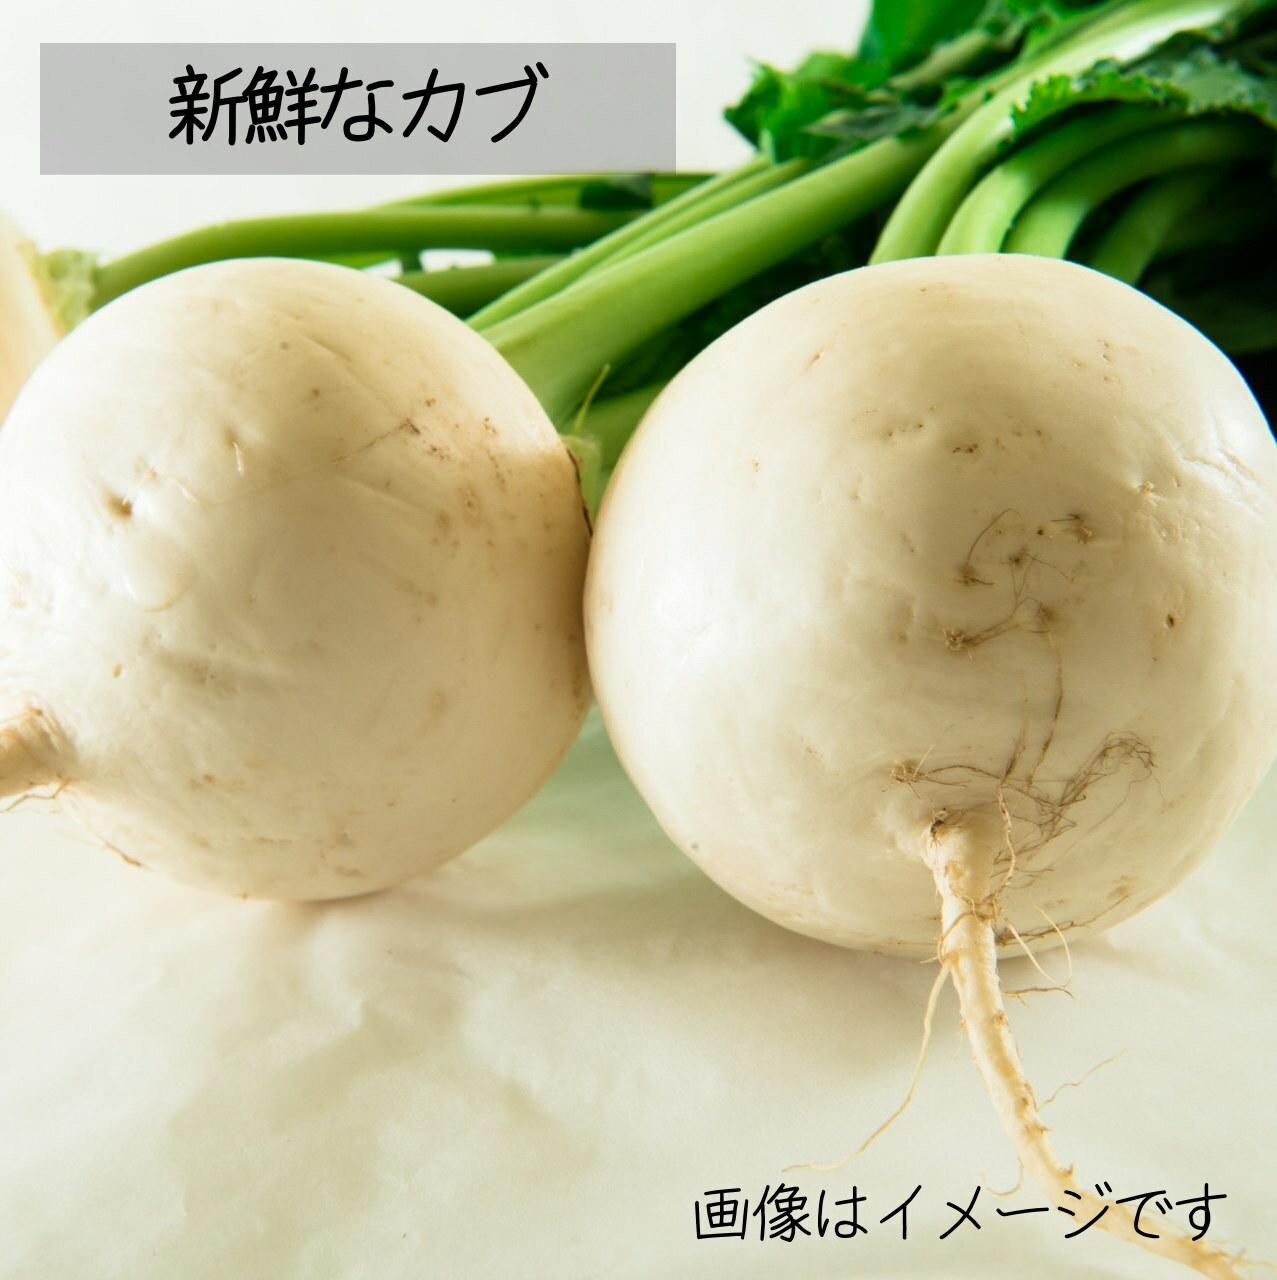 11月の朝採り直売野菜 : カブ 約3~4個  新鮮な秋野菜 11月2日発送予定